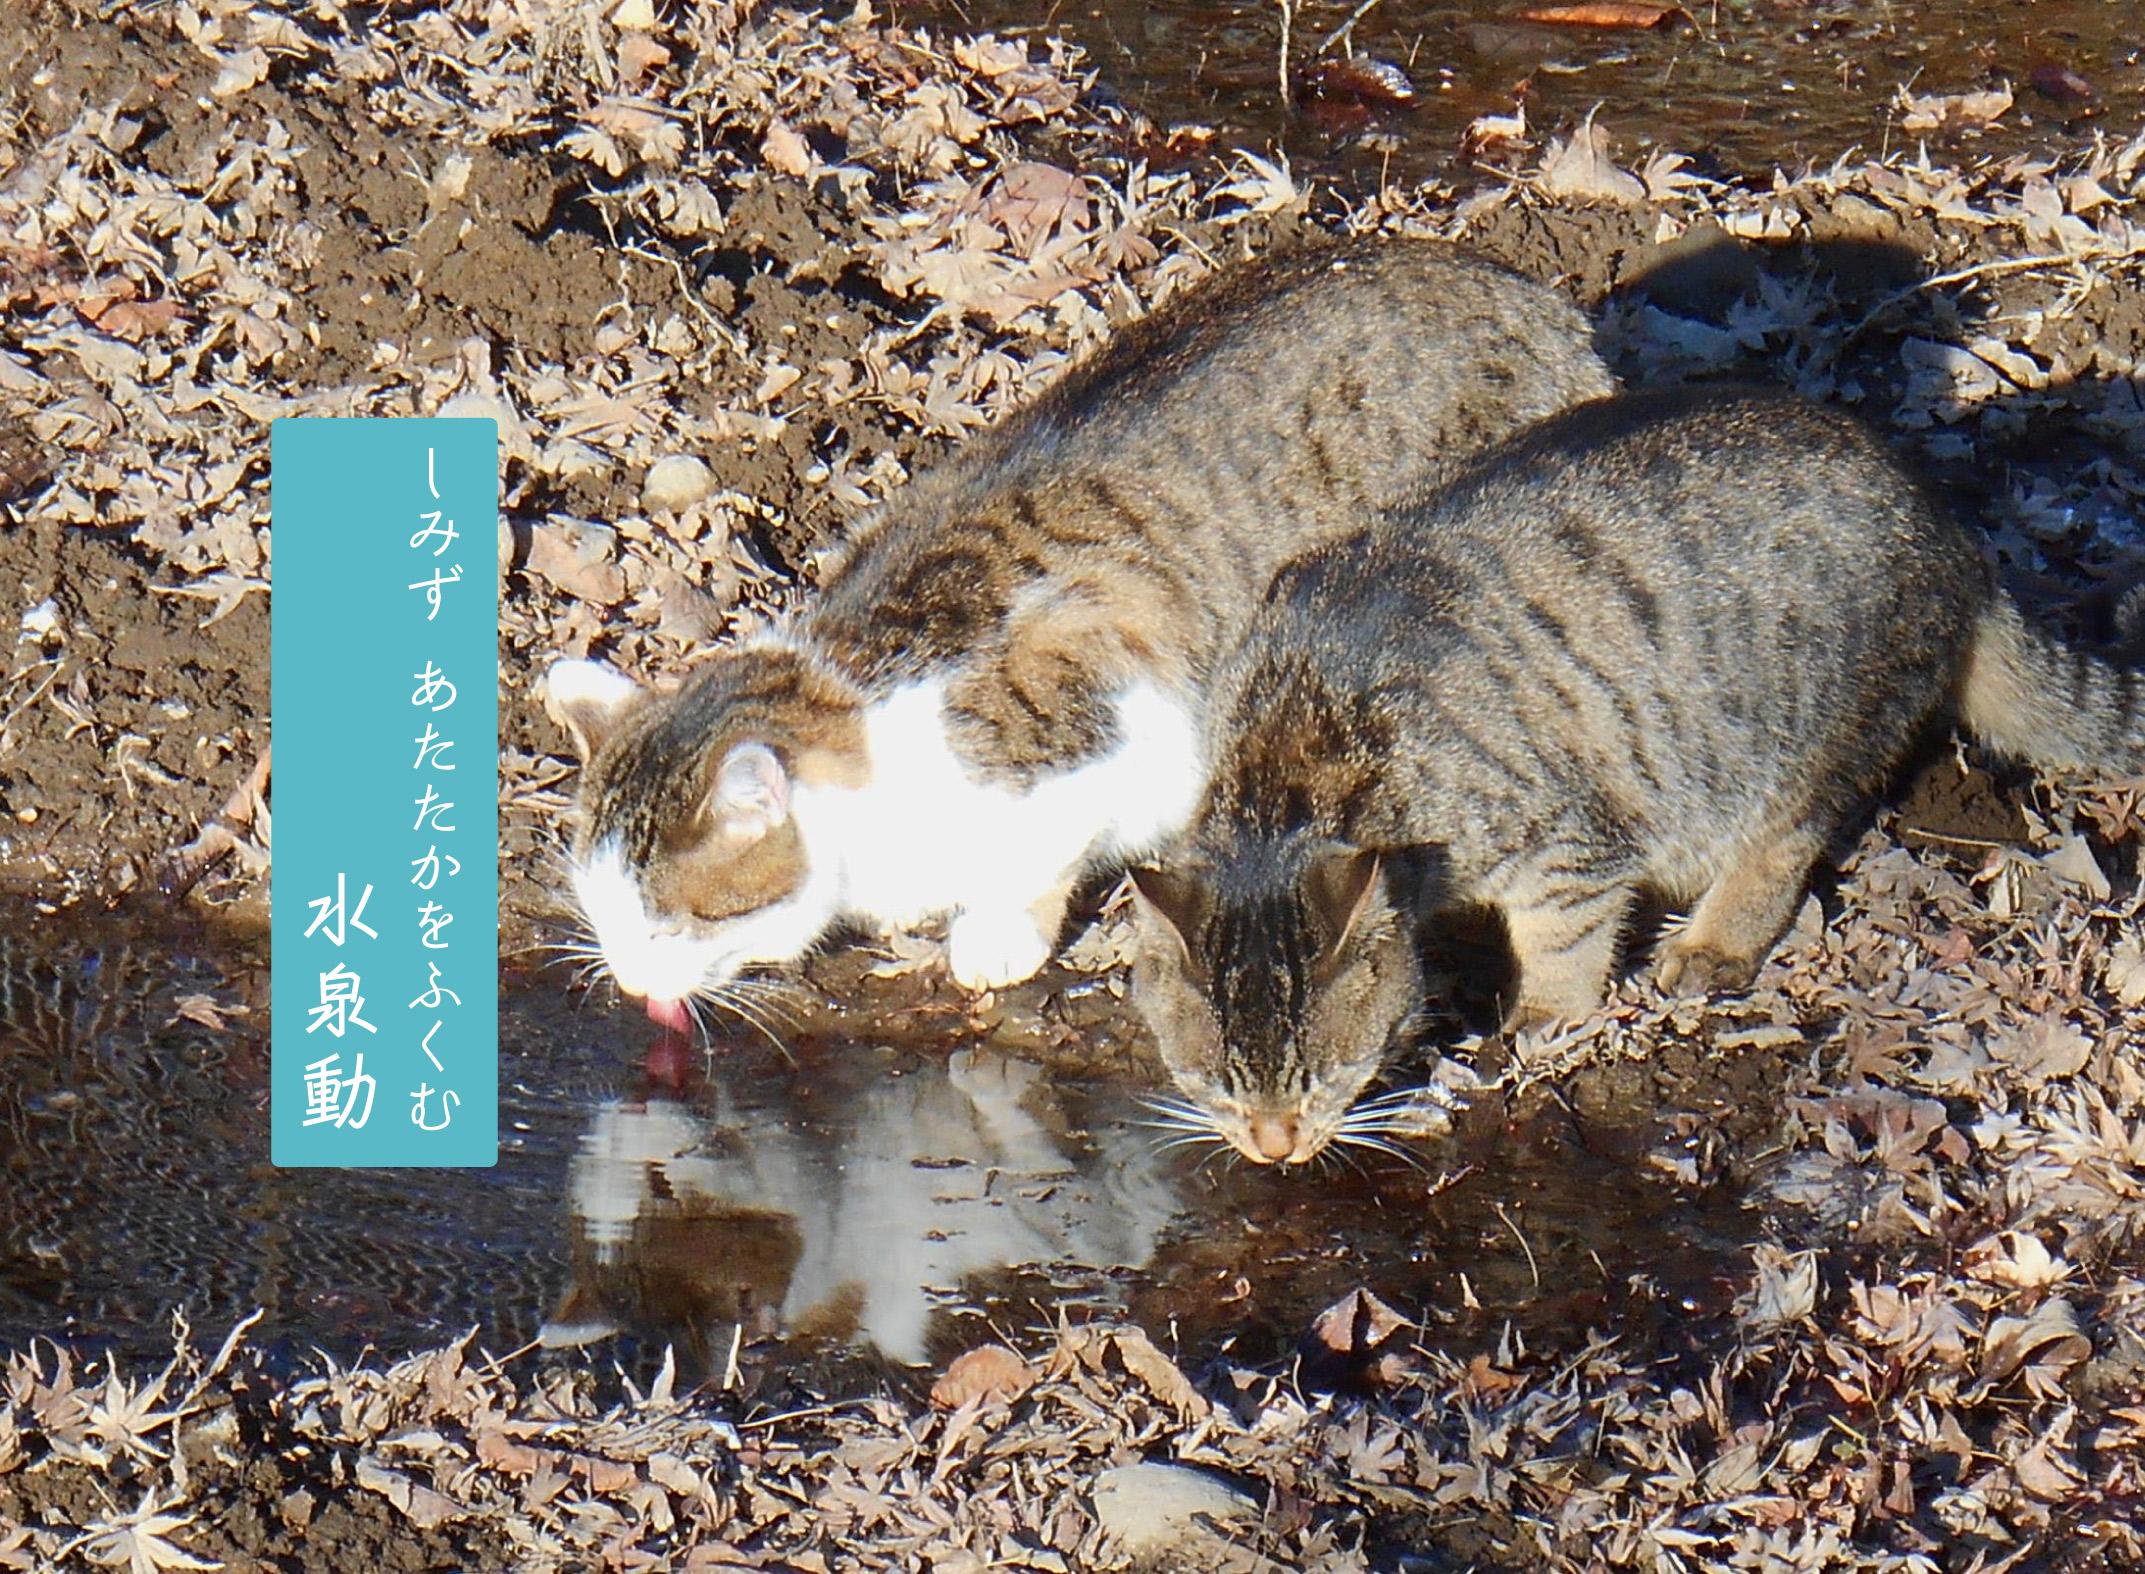 水たまりの水を飲む猫